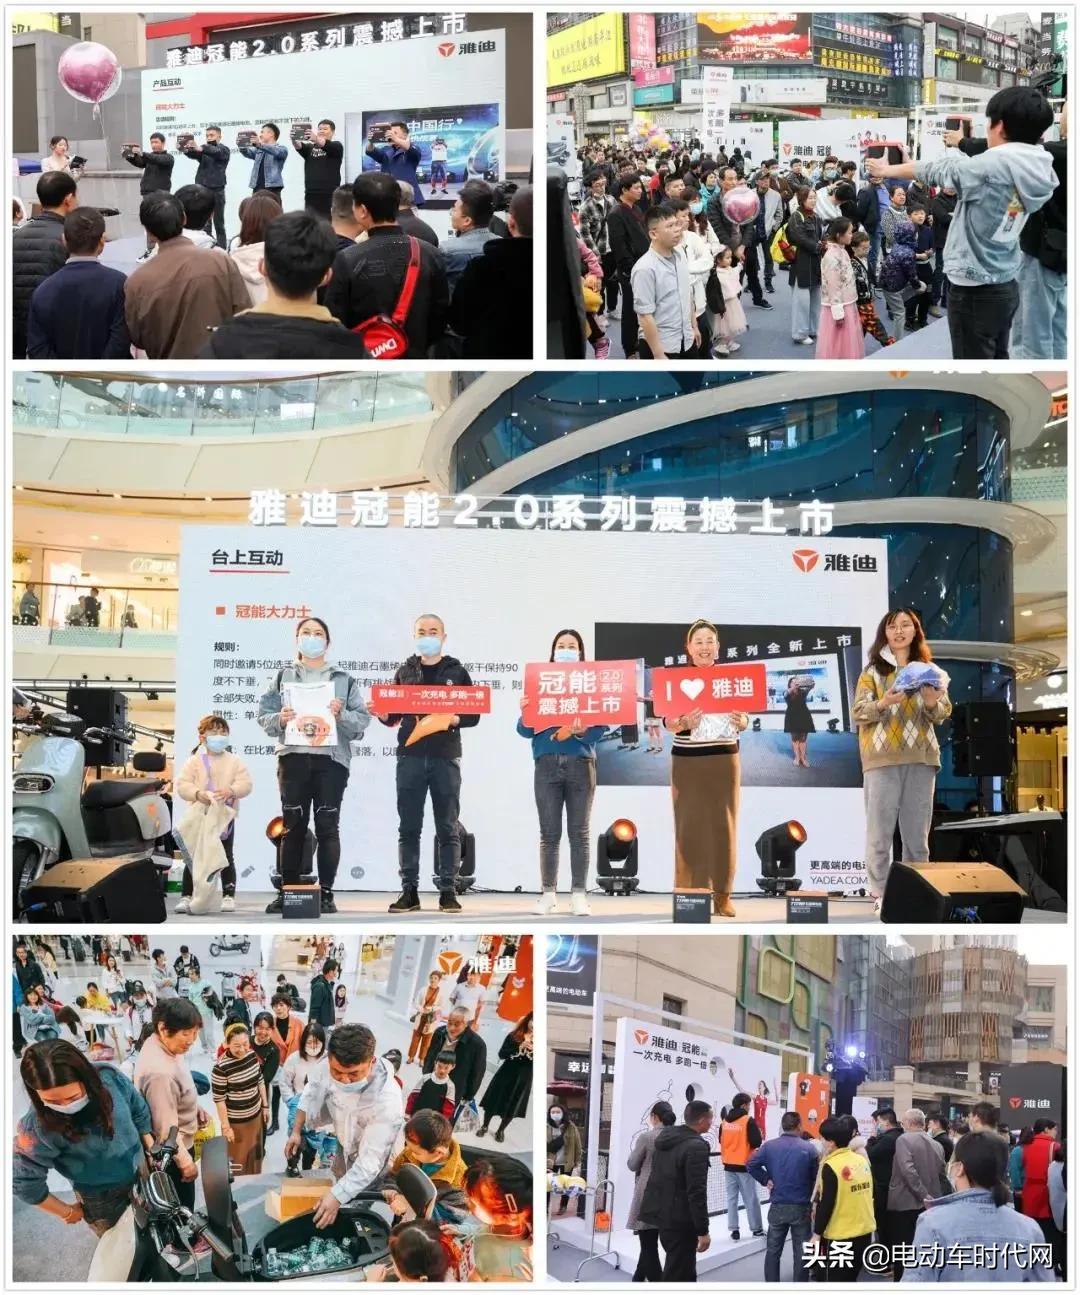 雅迪冠能2.0系列品牌专列冠名首发,点亮中国智造名片